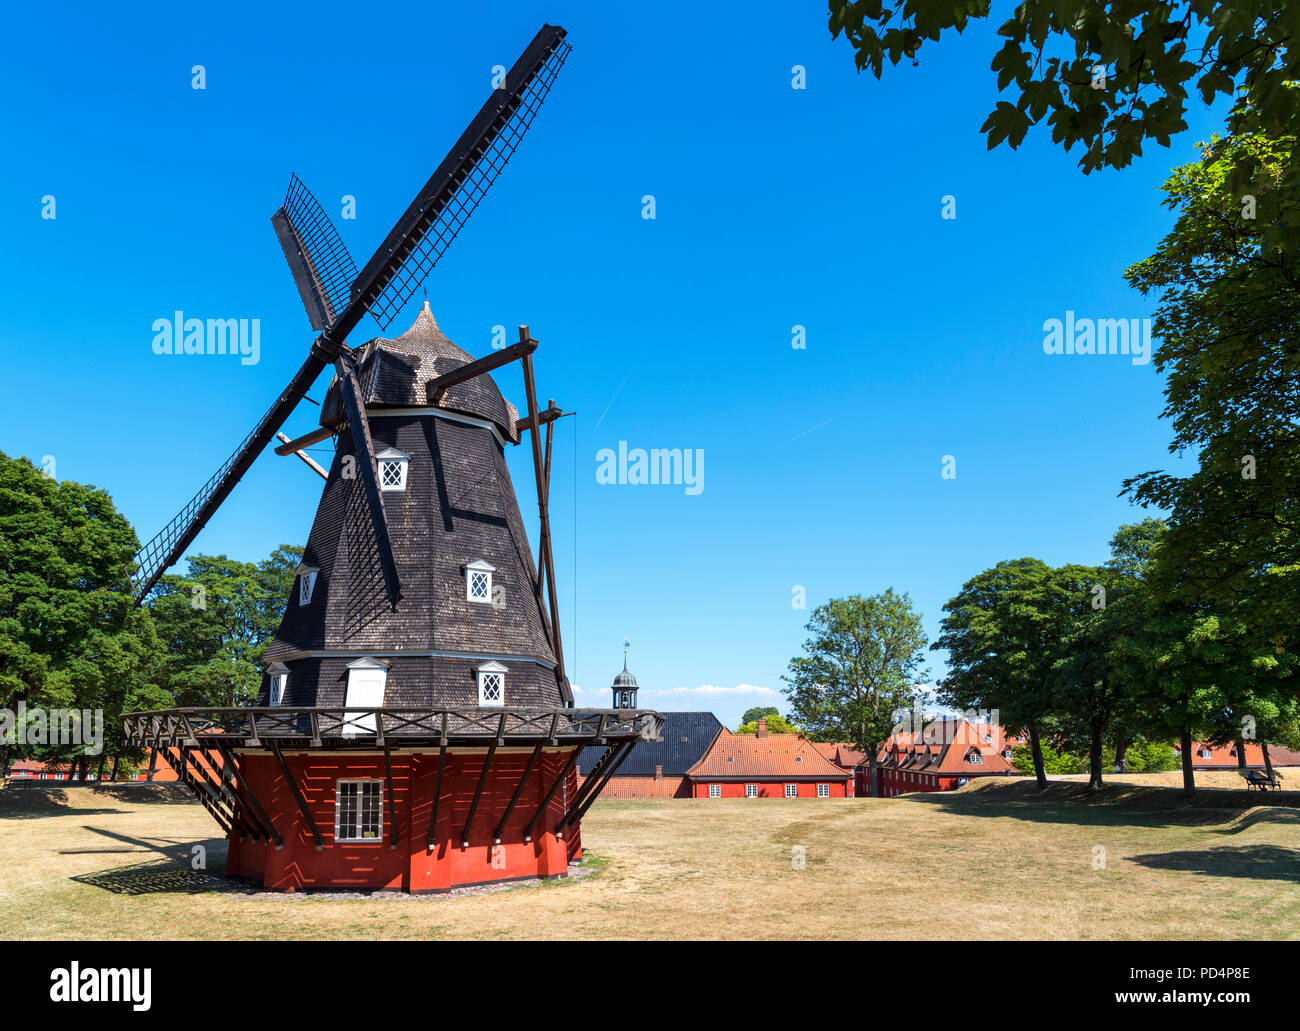 Windmühle auf des Königs Bastion in Kastellet (Zitadelle), Kopenhagen, Dänemark Stockbild